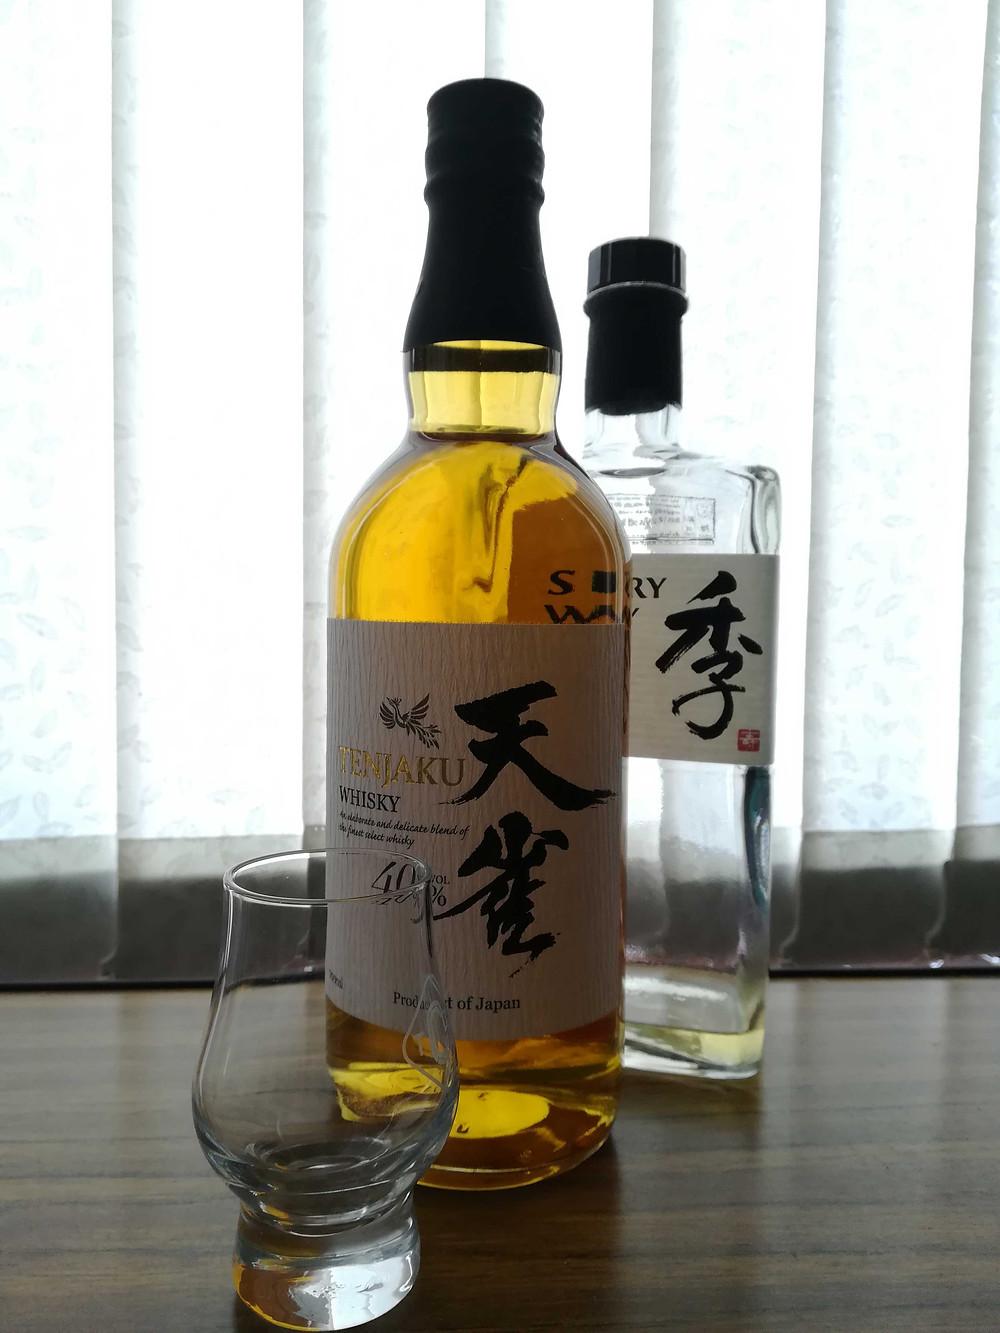 Tenjaku and Toki Whiskey Japanese